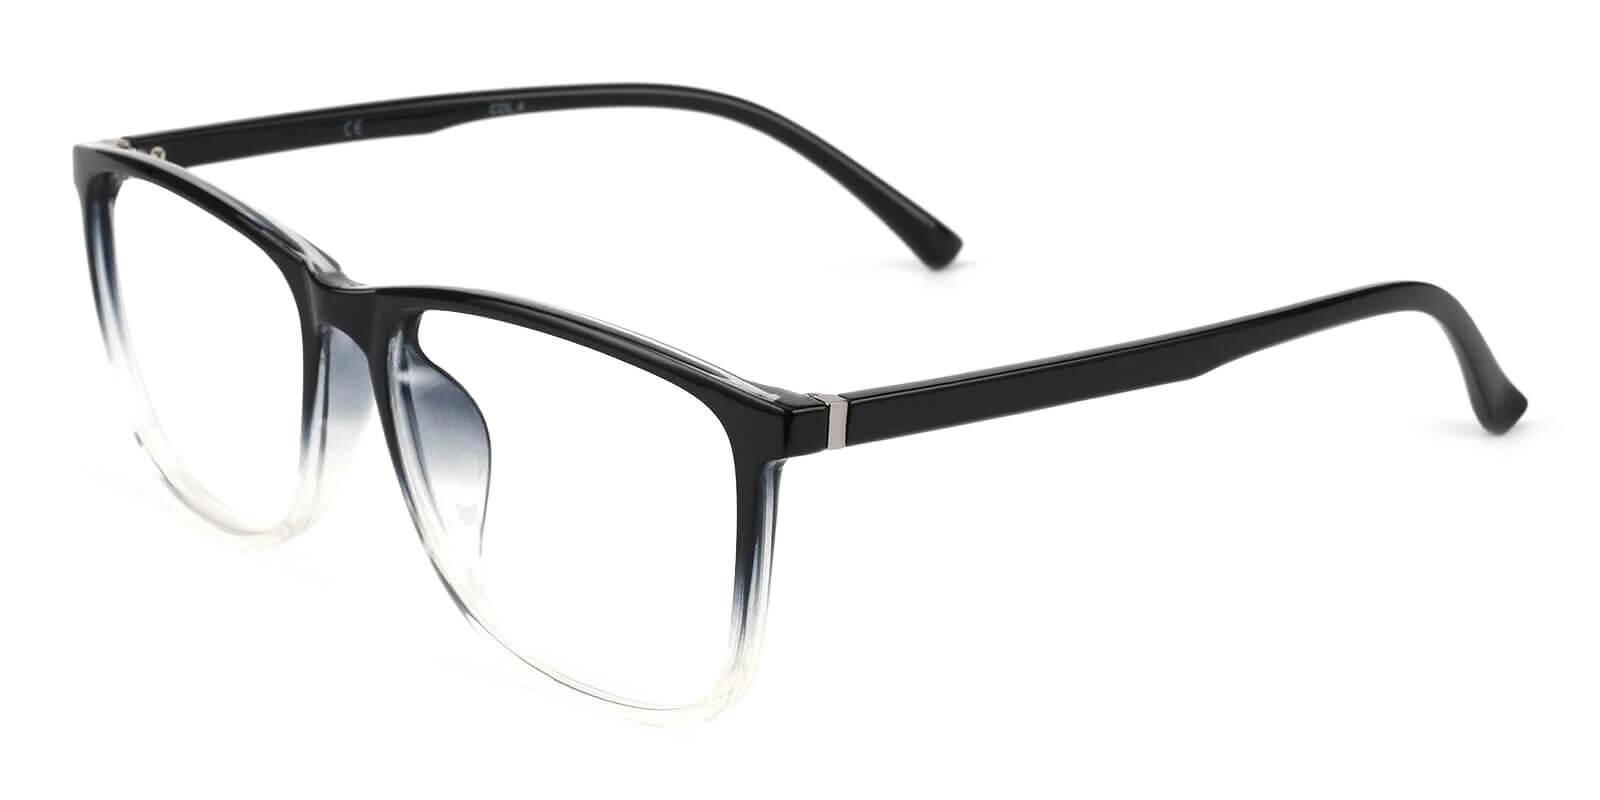 Planete Black TR Eyeglasses , UniversalBridgeFit Frames from ABBE Glasses